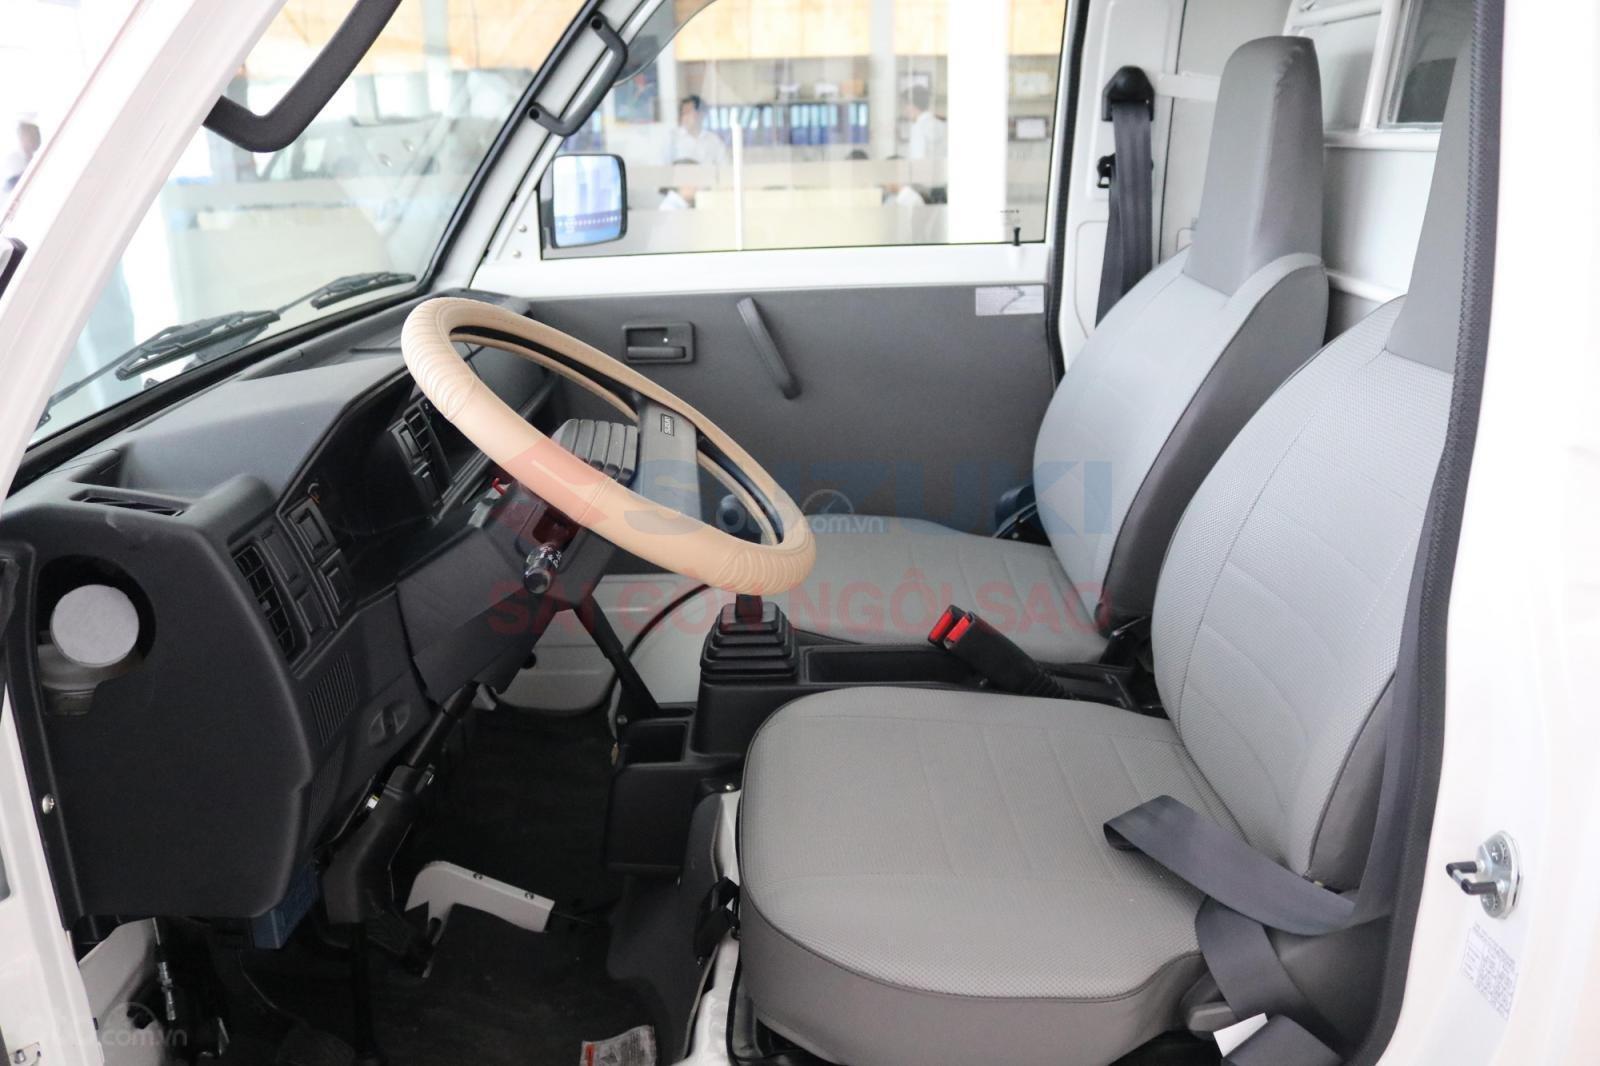 Cần bán xe Suzuki Blind Van sản xuất năm 2020 lưu thông giờ cao điểm. Khuyến mãi lớn 10Tr tiền mặt (6)